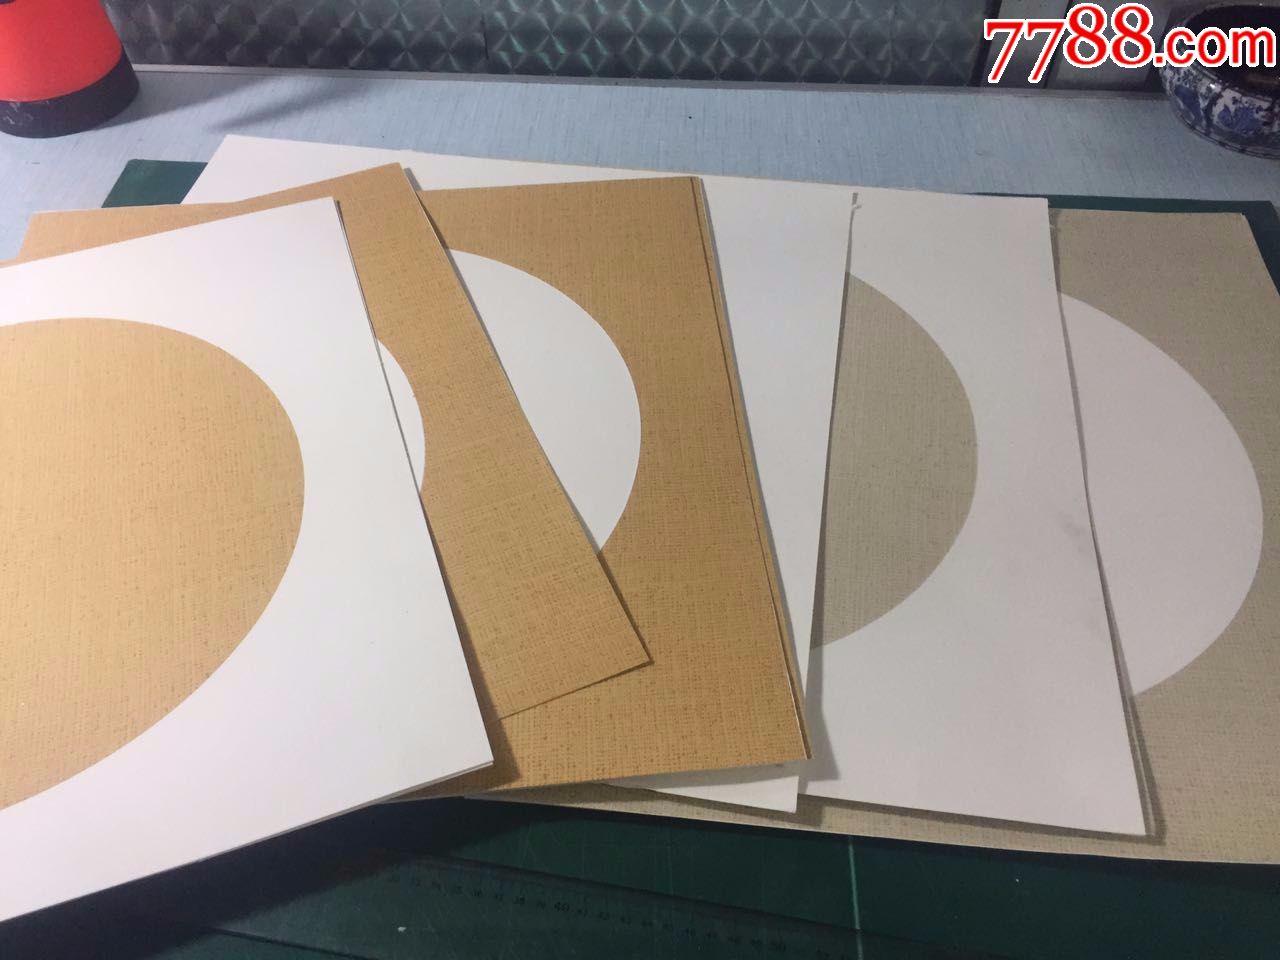 传统手工装裱制作宣纸空白立轴卡纸圆形扇形异型各种宣纸制品